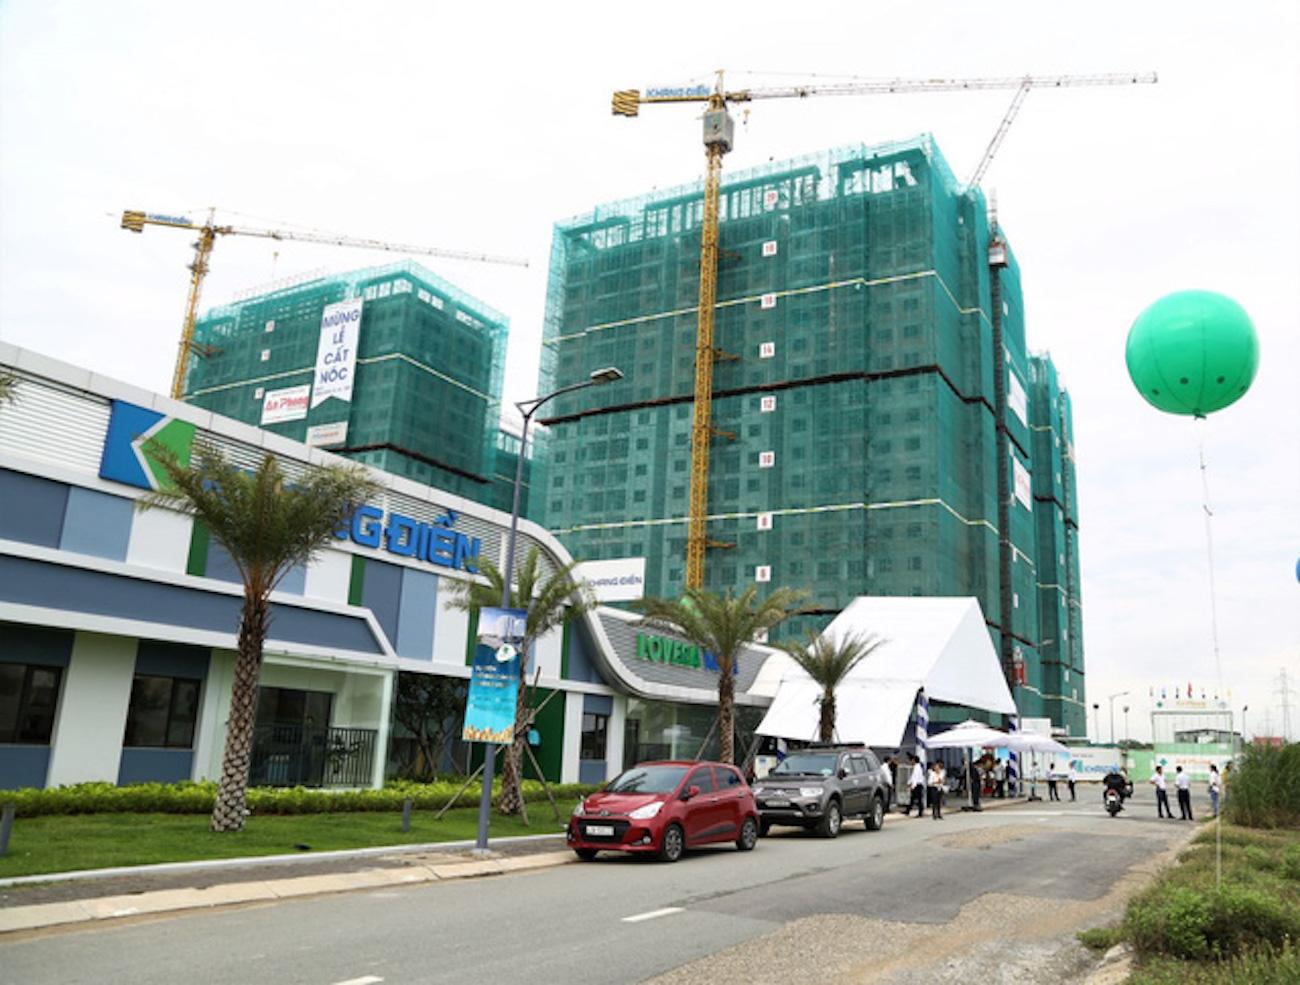 Chính thức cất nóc tháng 4.2020, Lovera Vista được dự kiến bàn giao tháng 7.2021. Sau khi bàn giao, Chủ đầu tư sẽ bắt đầu làm thủ tục cấp sổ hồng cho cư dân theo quy định.